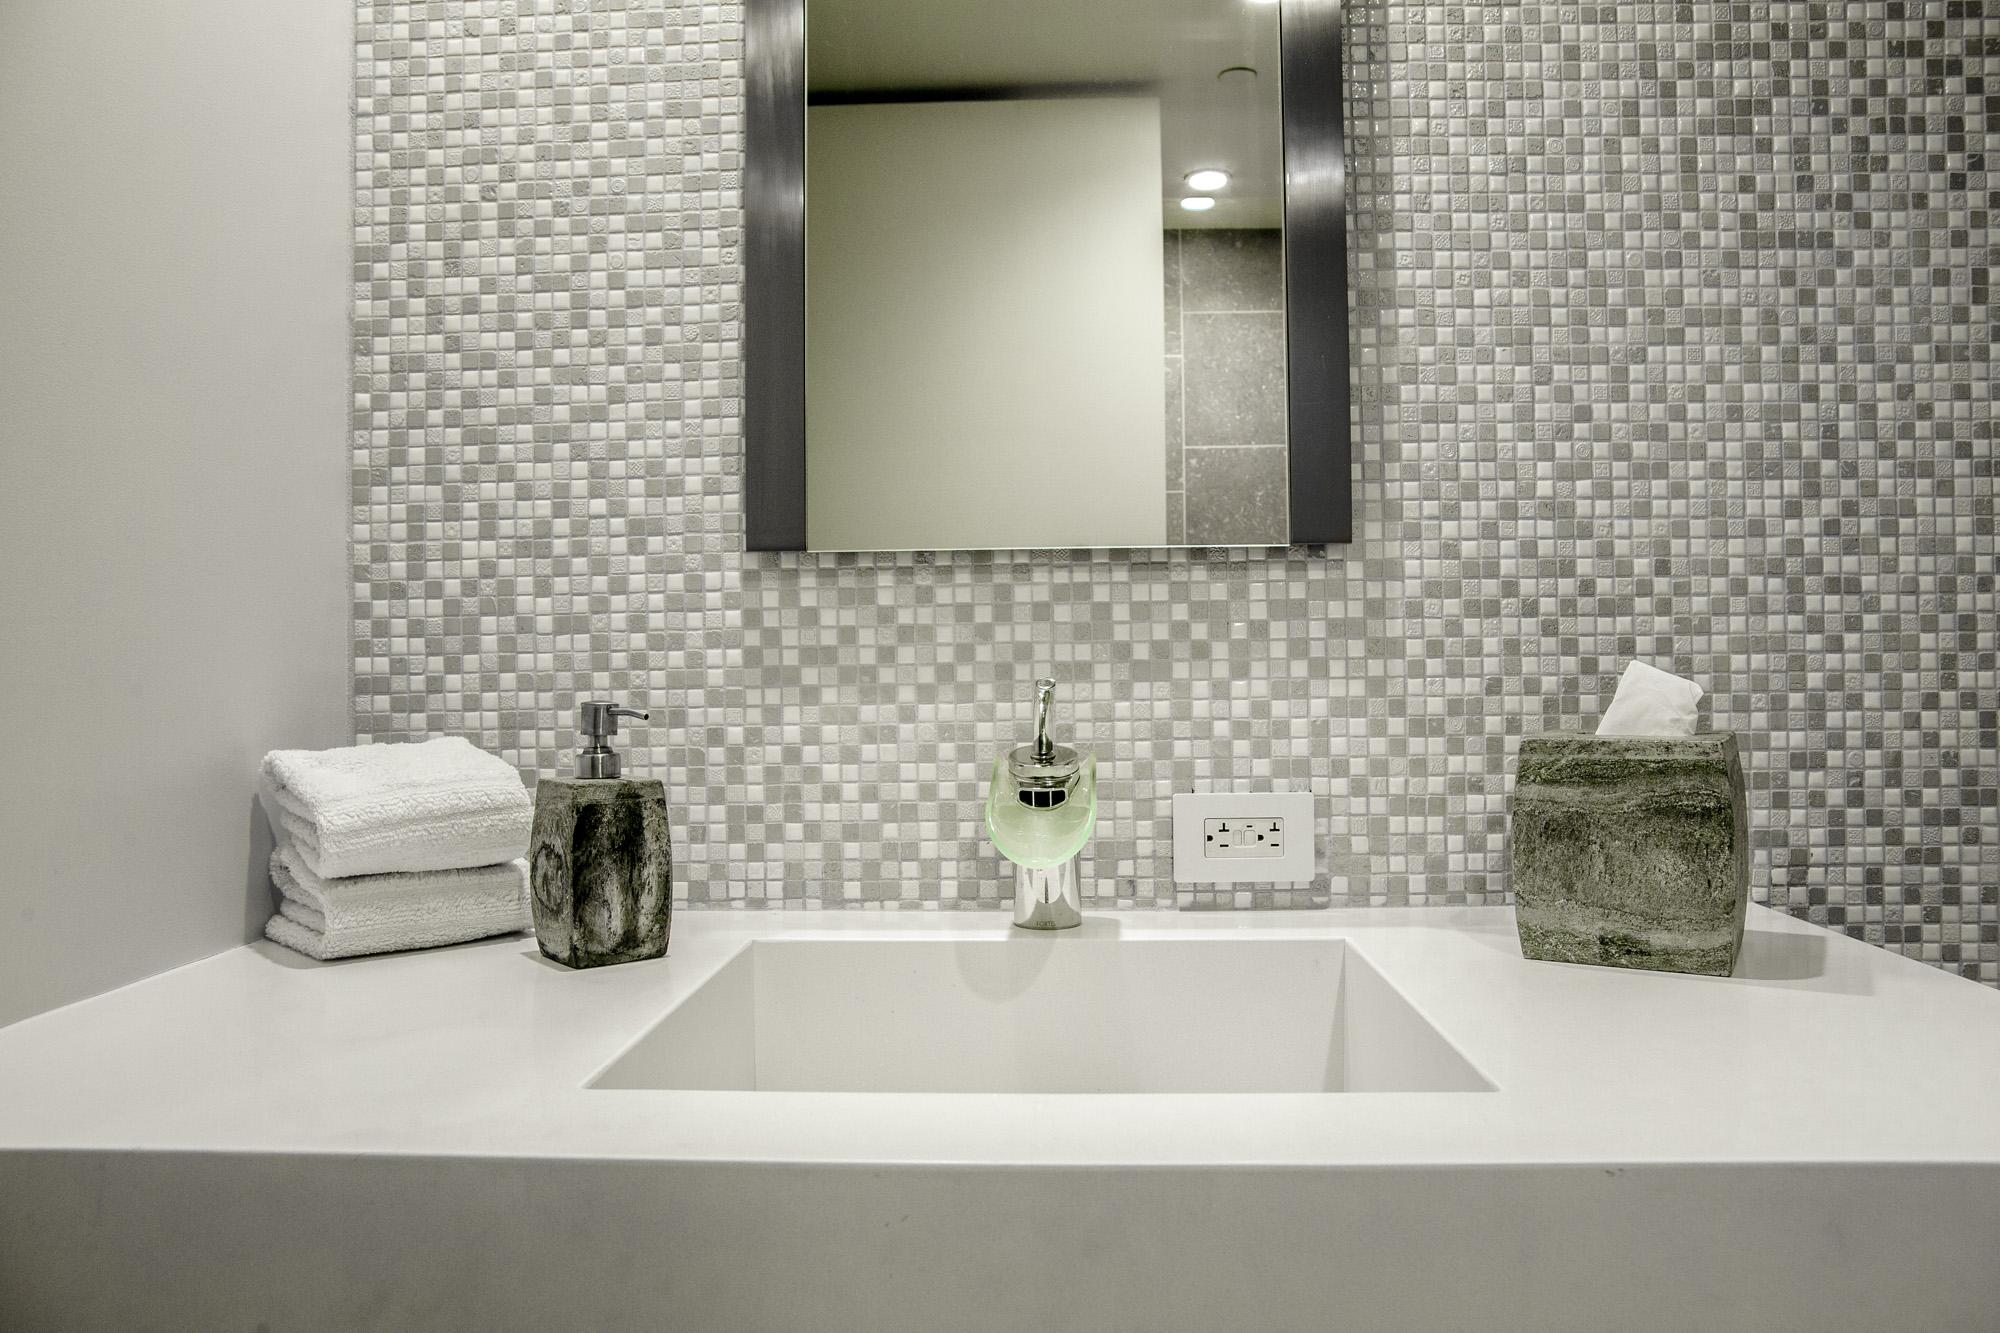 integrated counter sink-modern.jpg